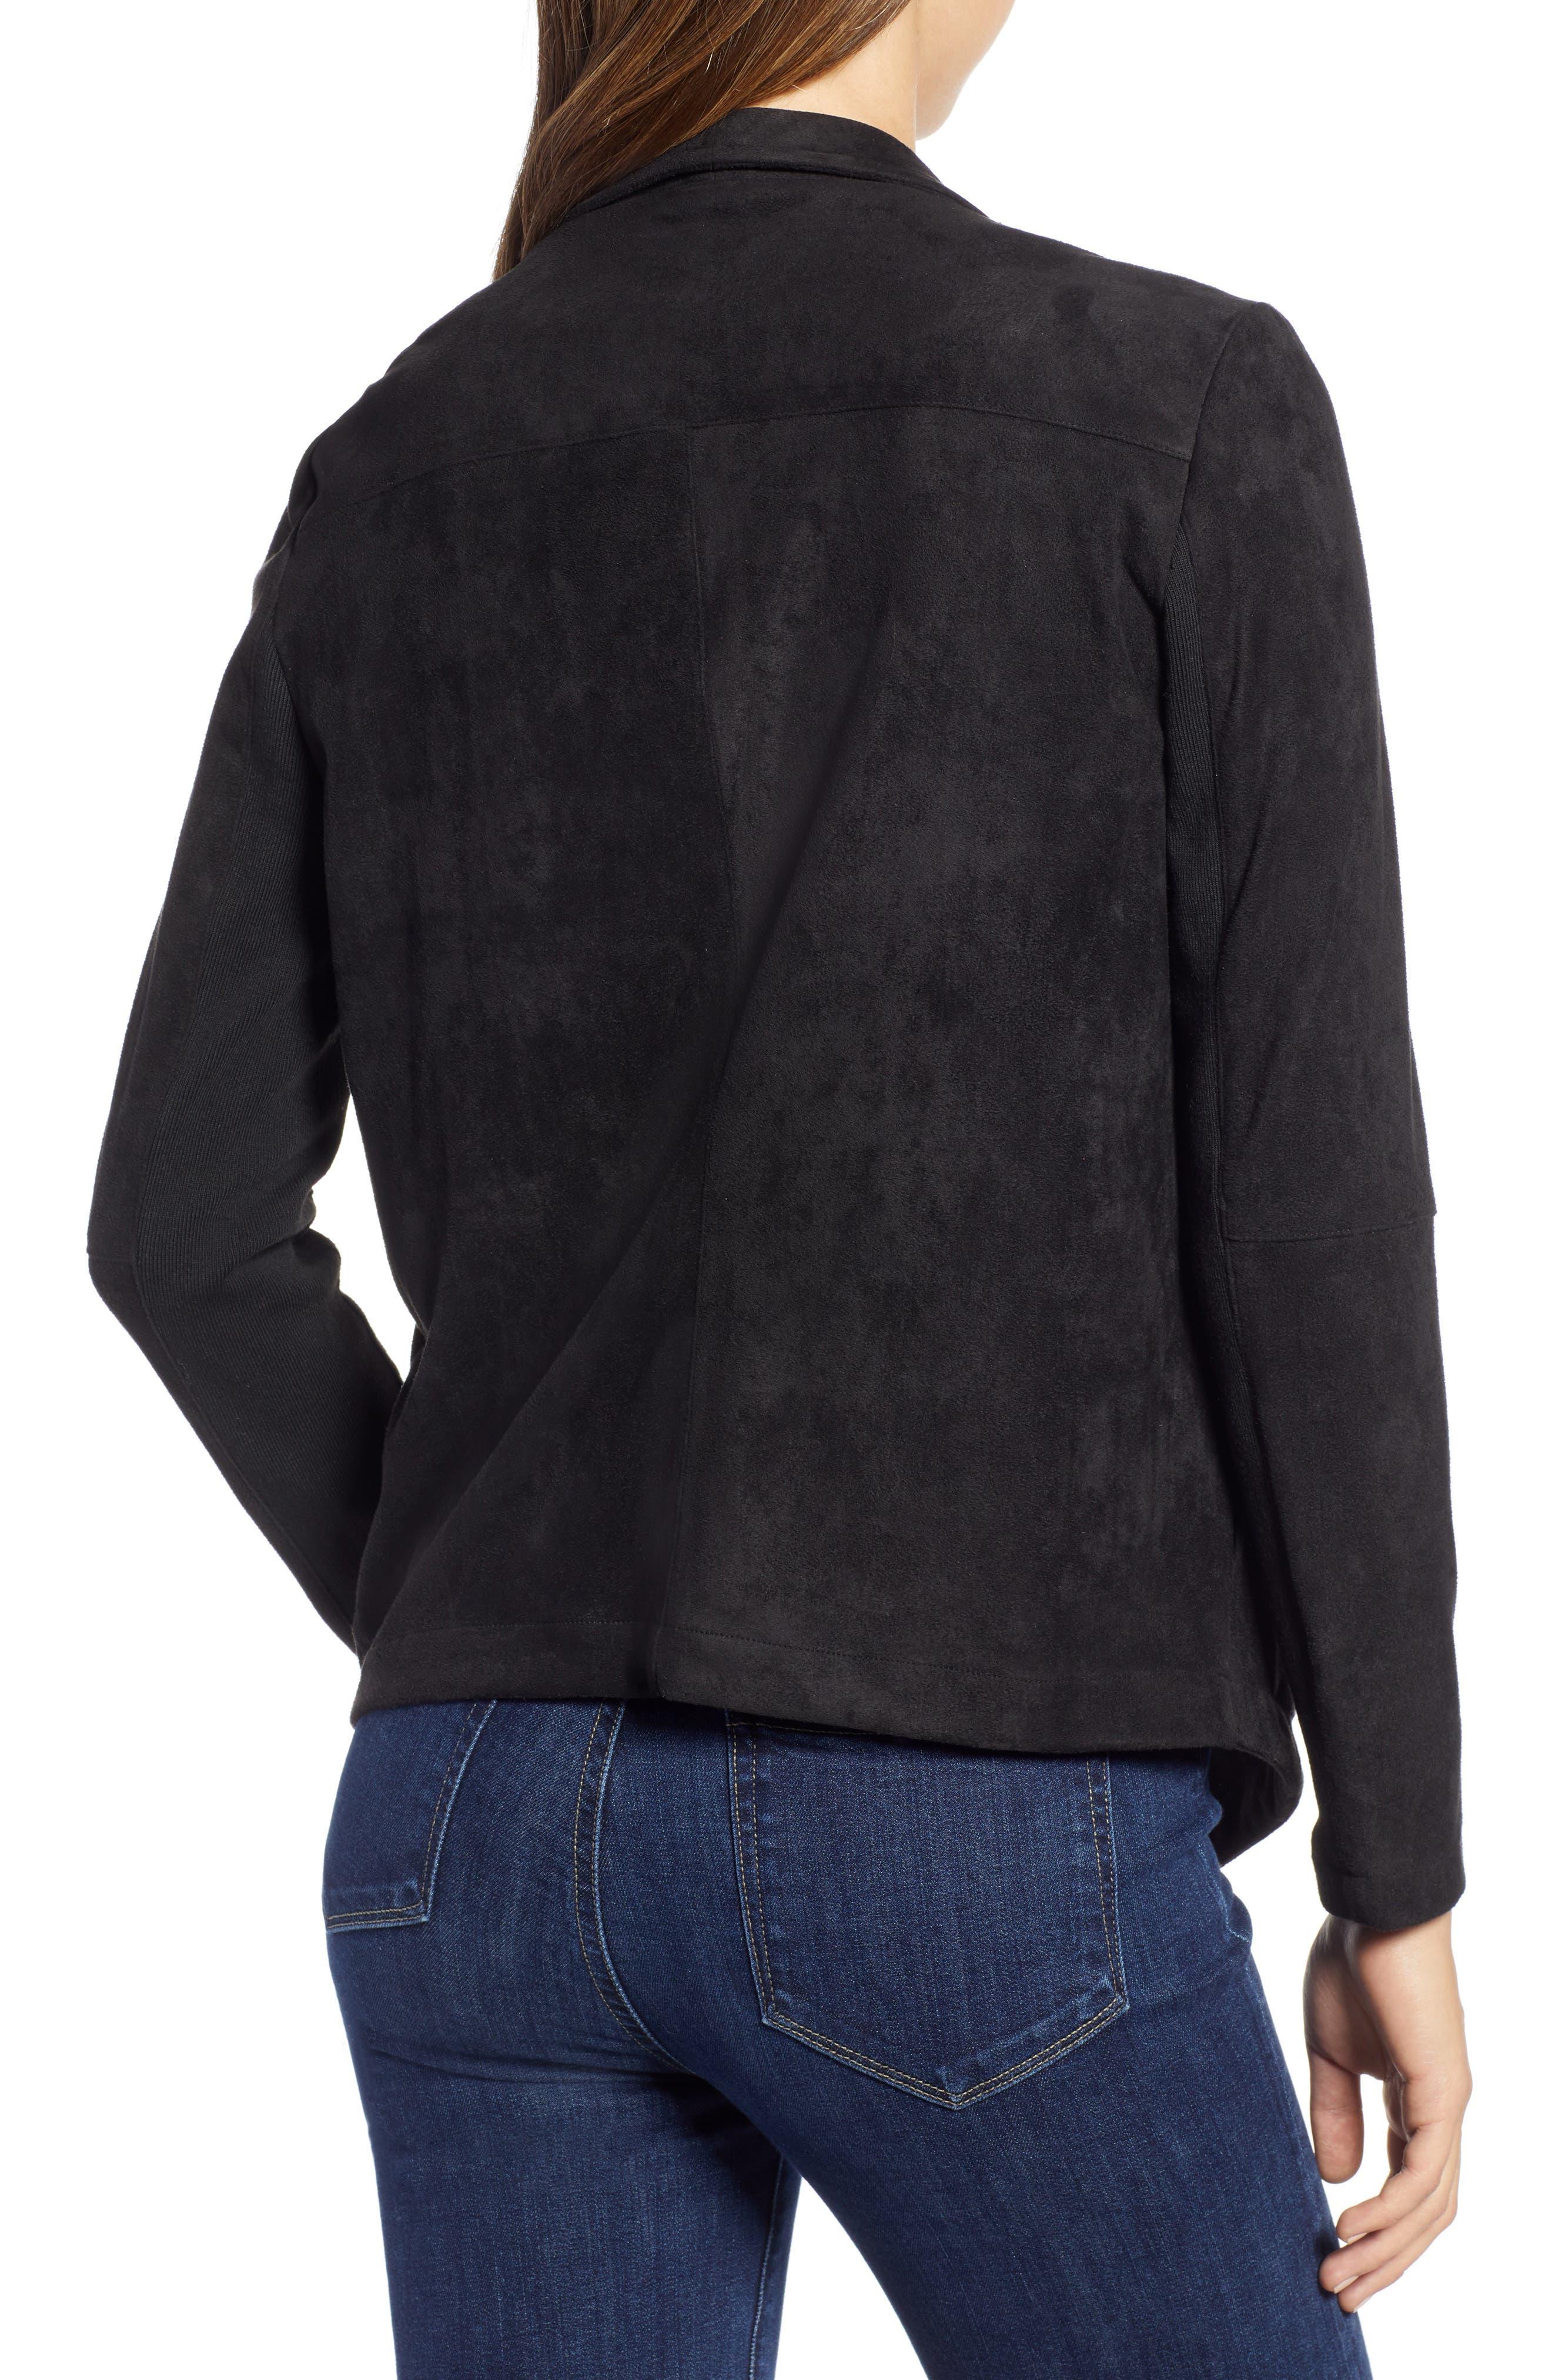 Nicholson Faux Suede Drape Front Jacket,                             Alternate thumbnail 2, color,                             001